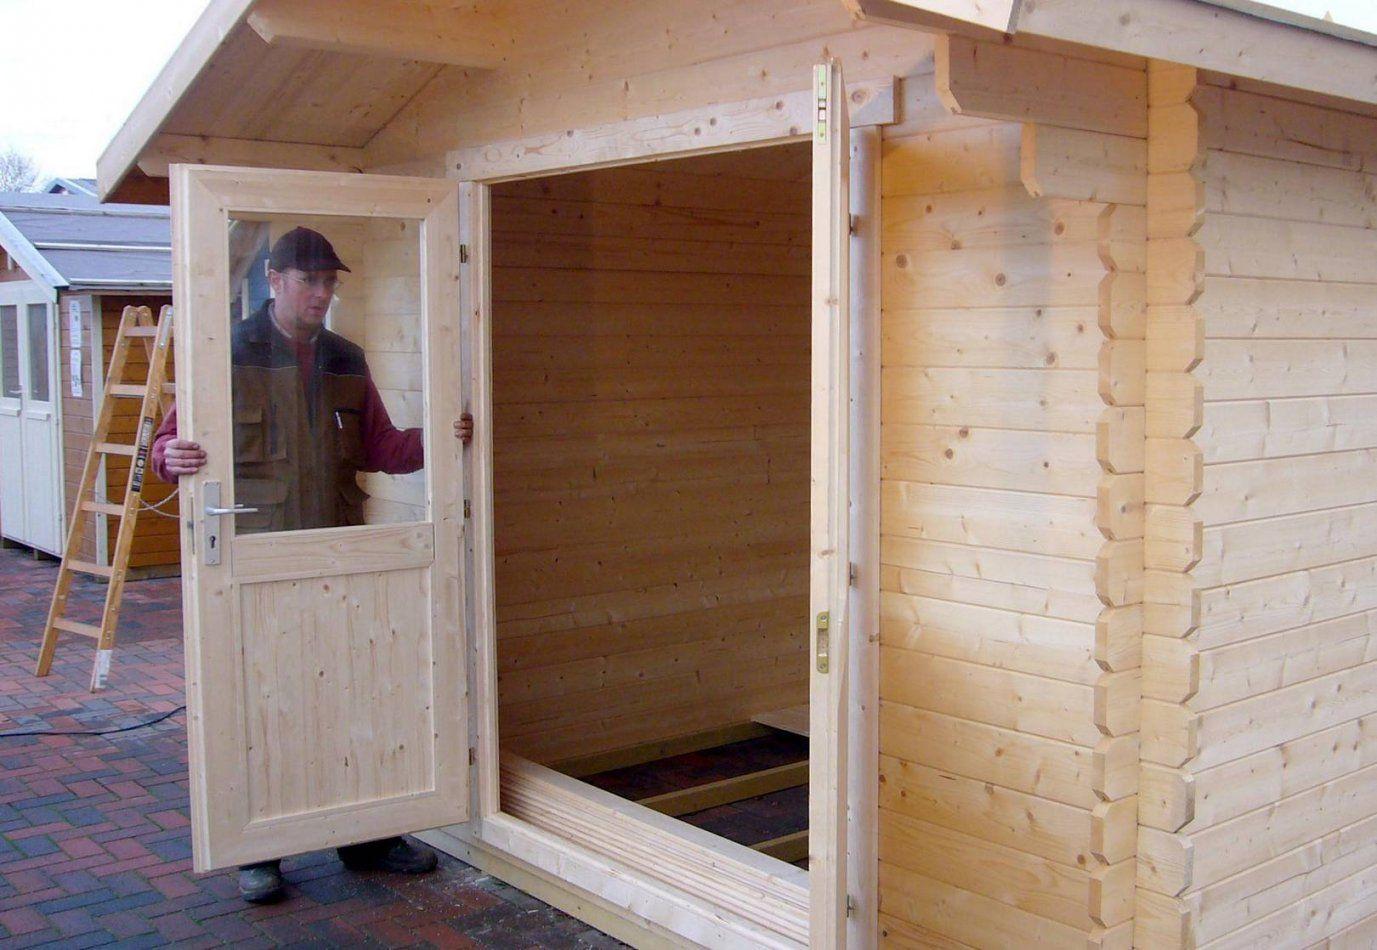 Gartenhaus Fenster Bauen Pj84 – Hitoiro von Dusche Im Gartenhaus Einbauen Photo